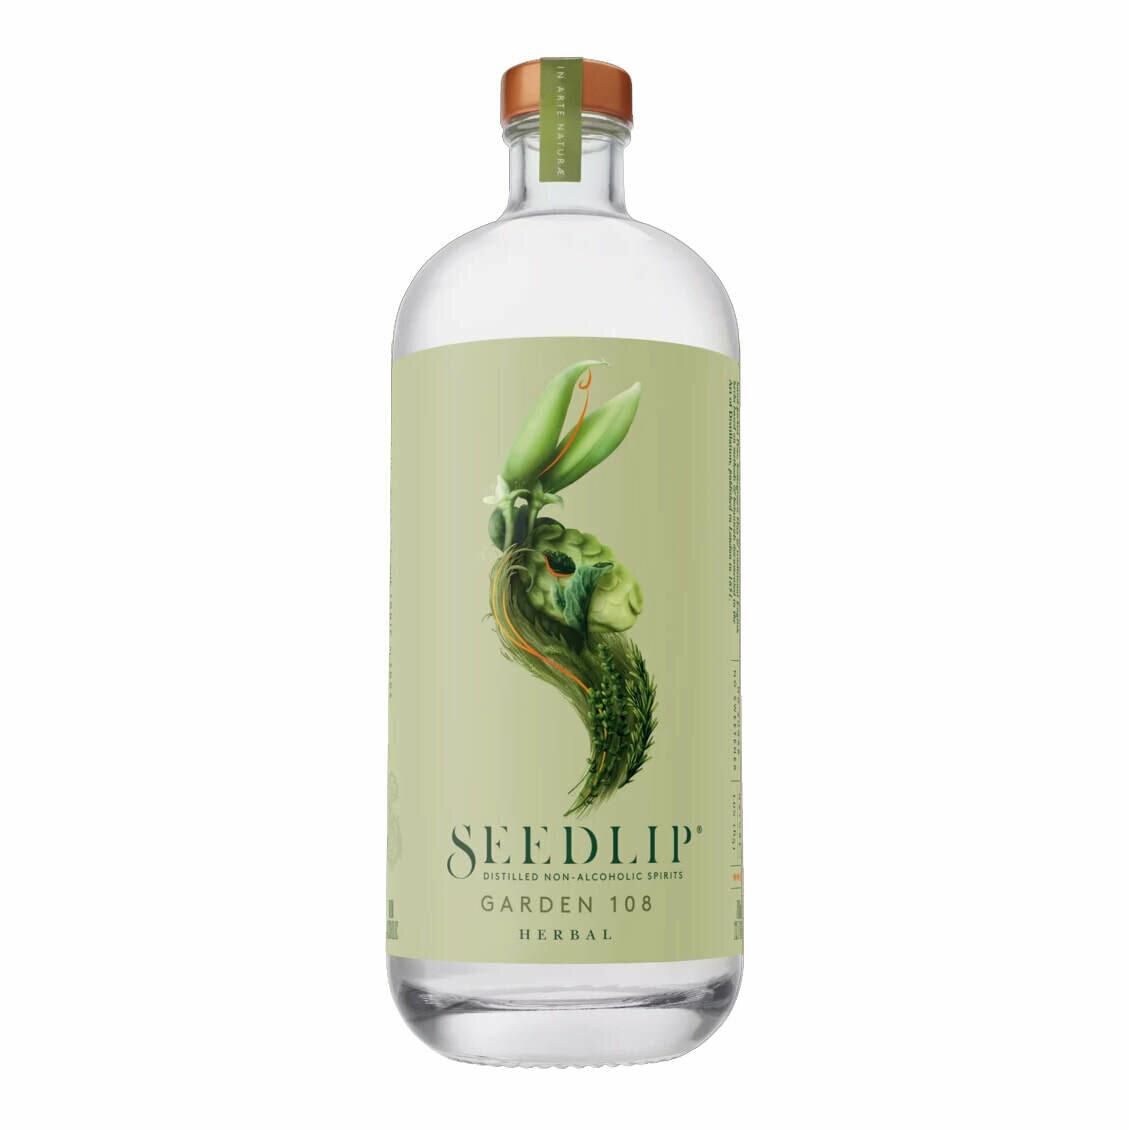 Seedlip Garden 108 (0% Spirit)